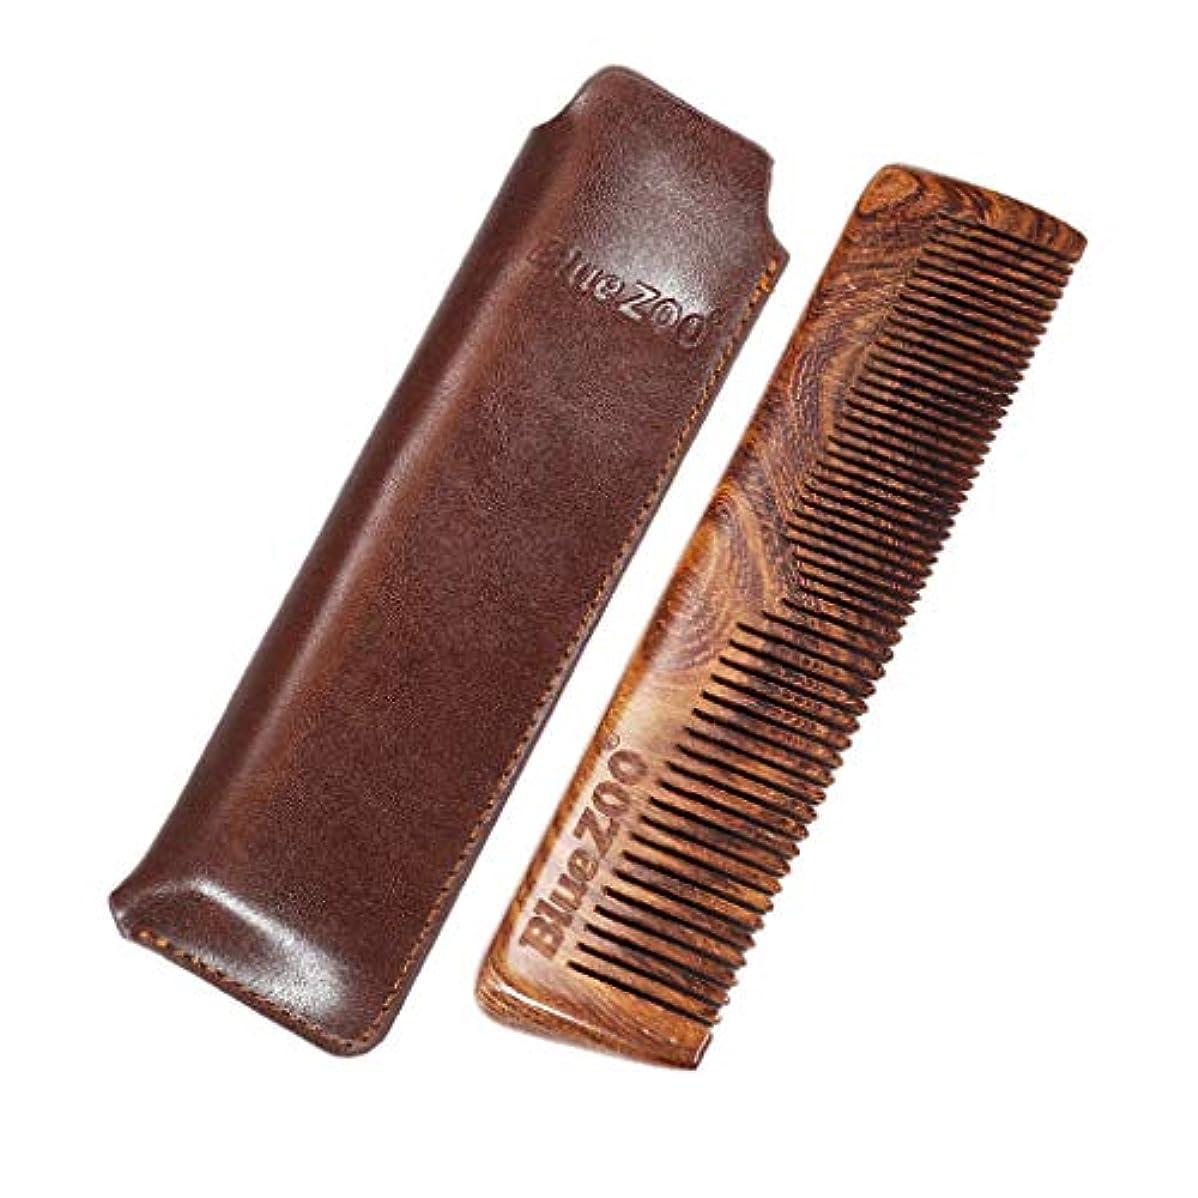 明快ご覧ください経度F Fityle 木製 ひげ櫛 PUバッグ 木製櫛 口ひげ ヘアブラシ 2色選べ - 褐色